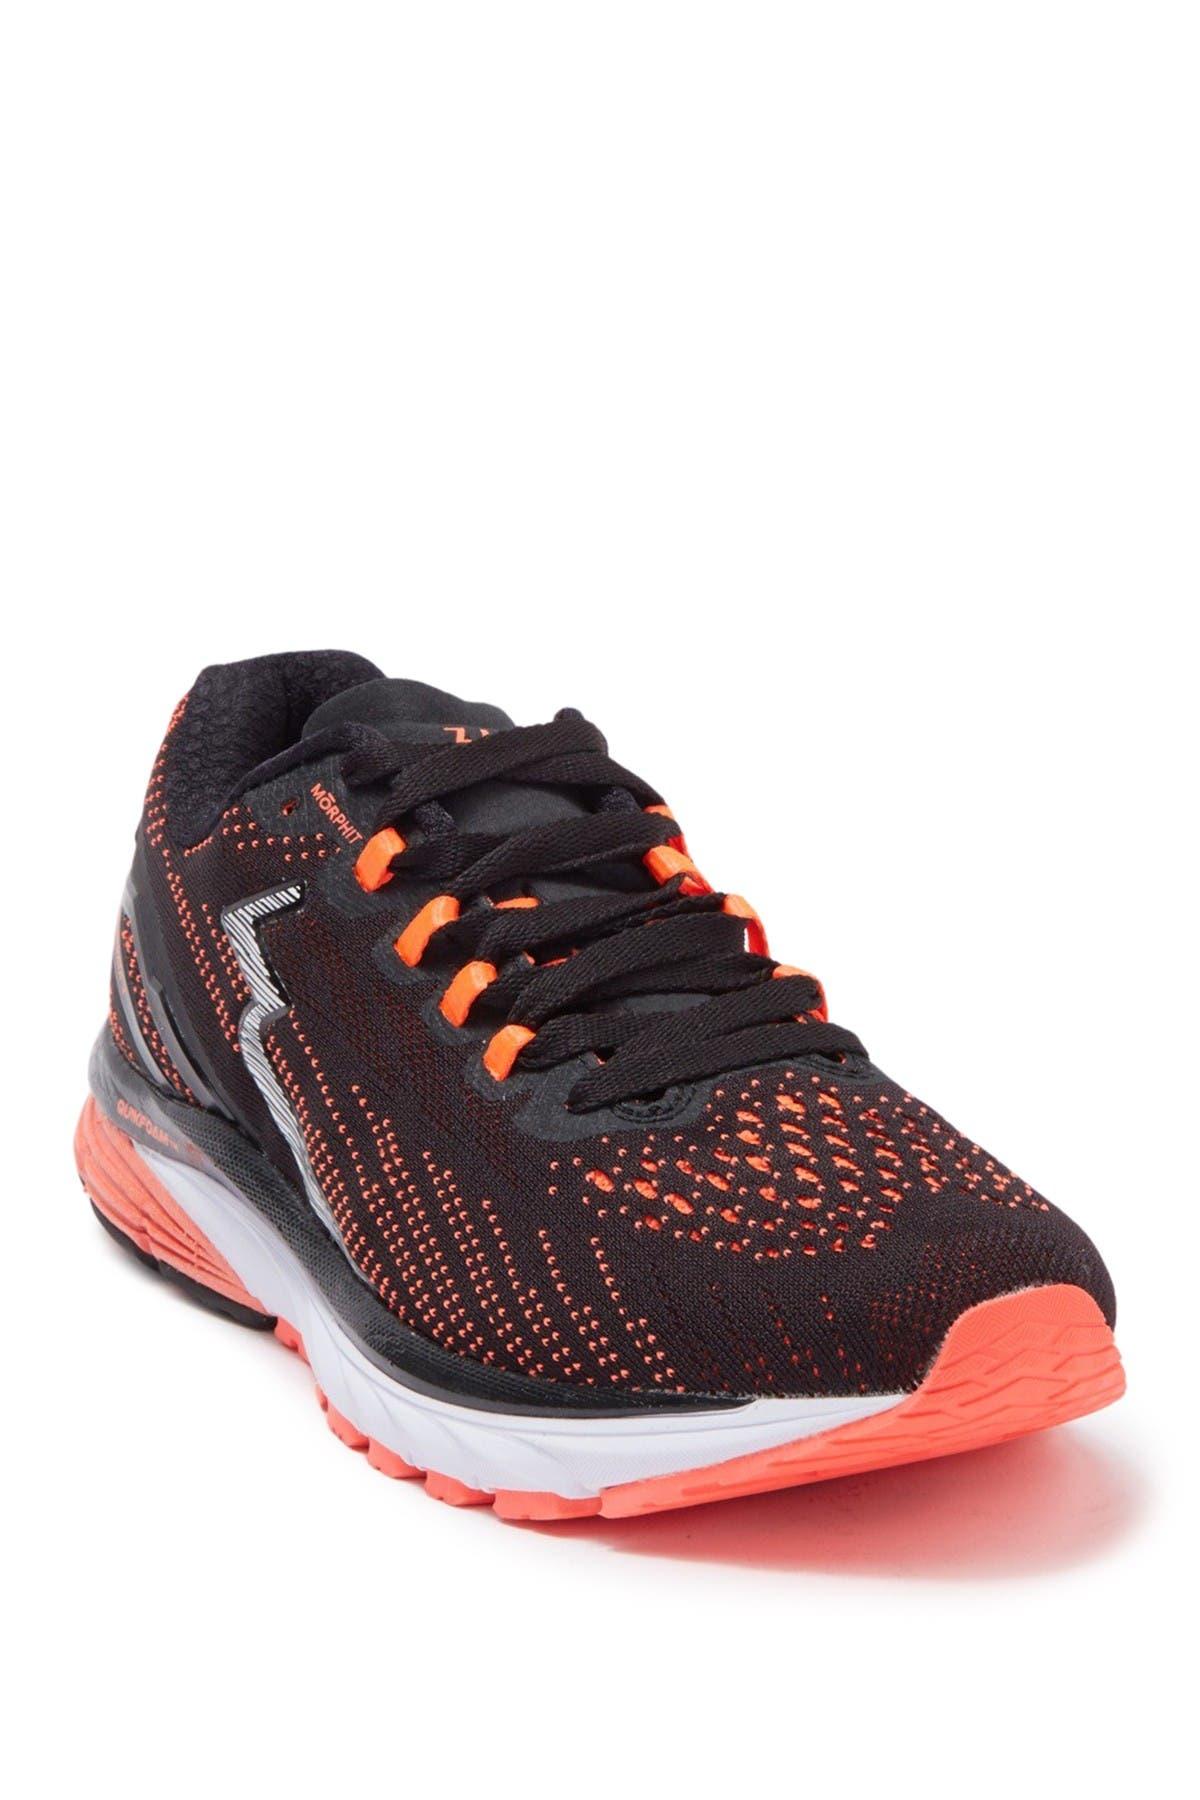 Image of 361 Degrees Strata Running Sneaker